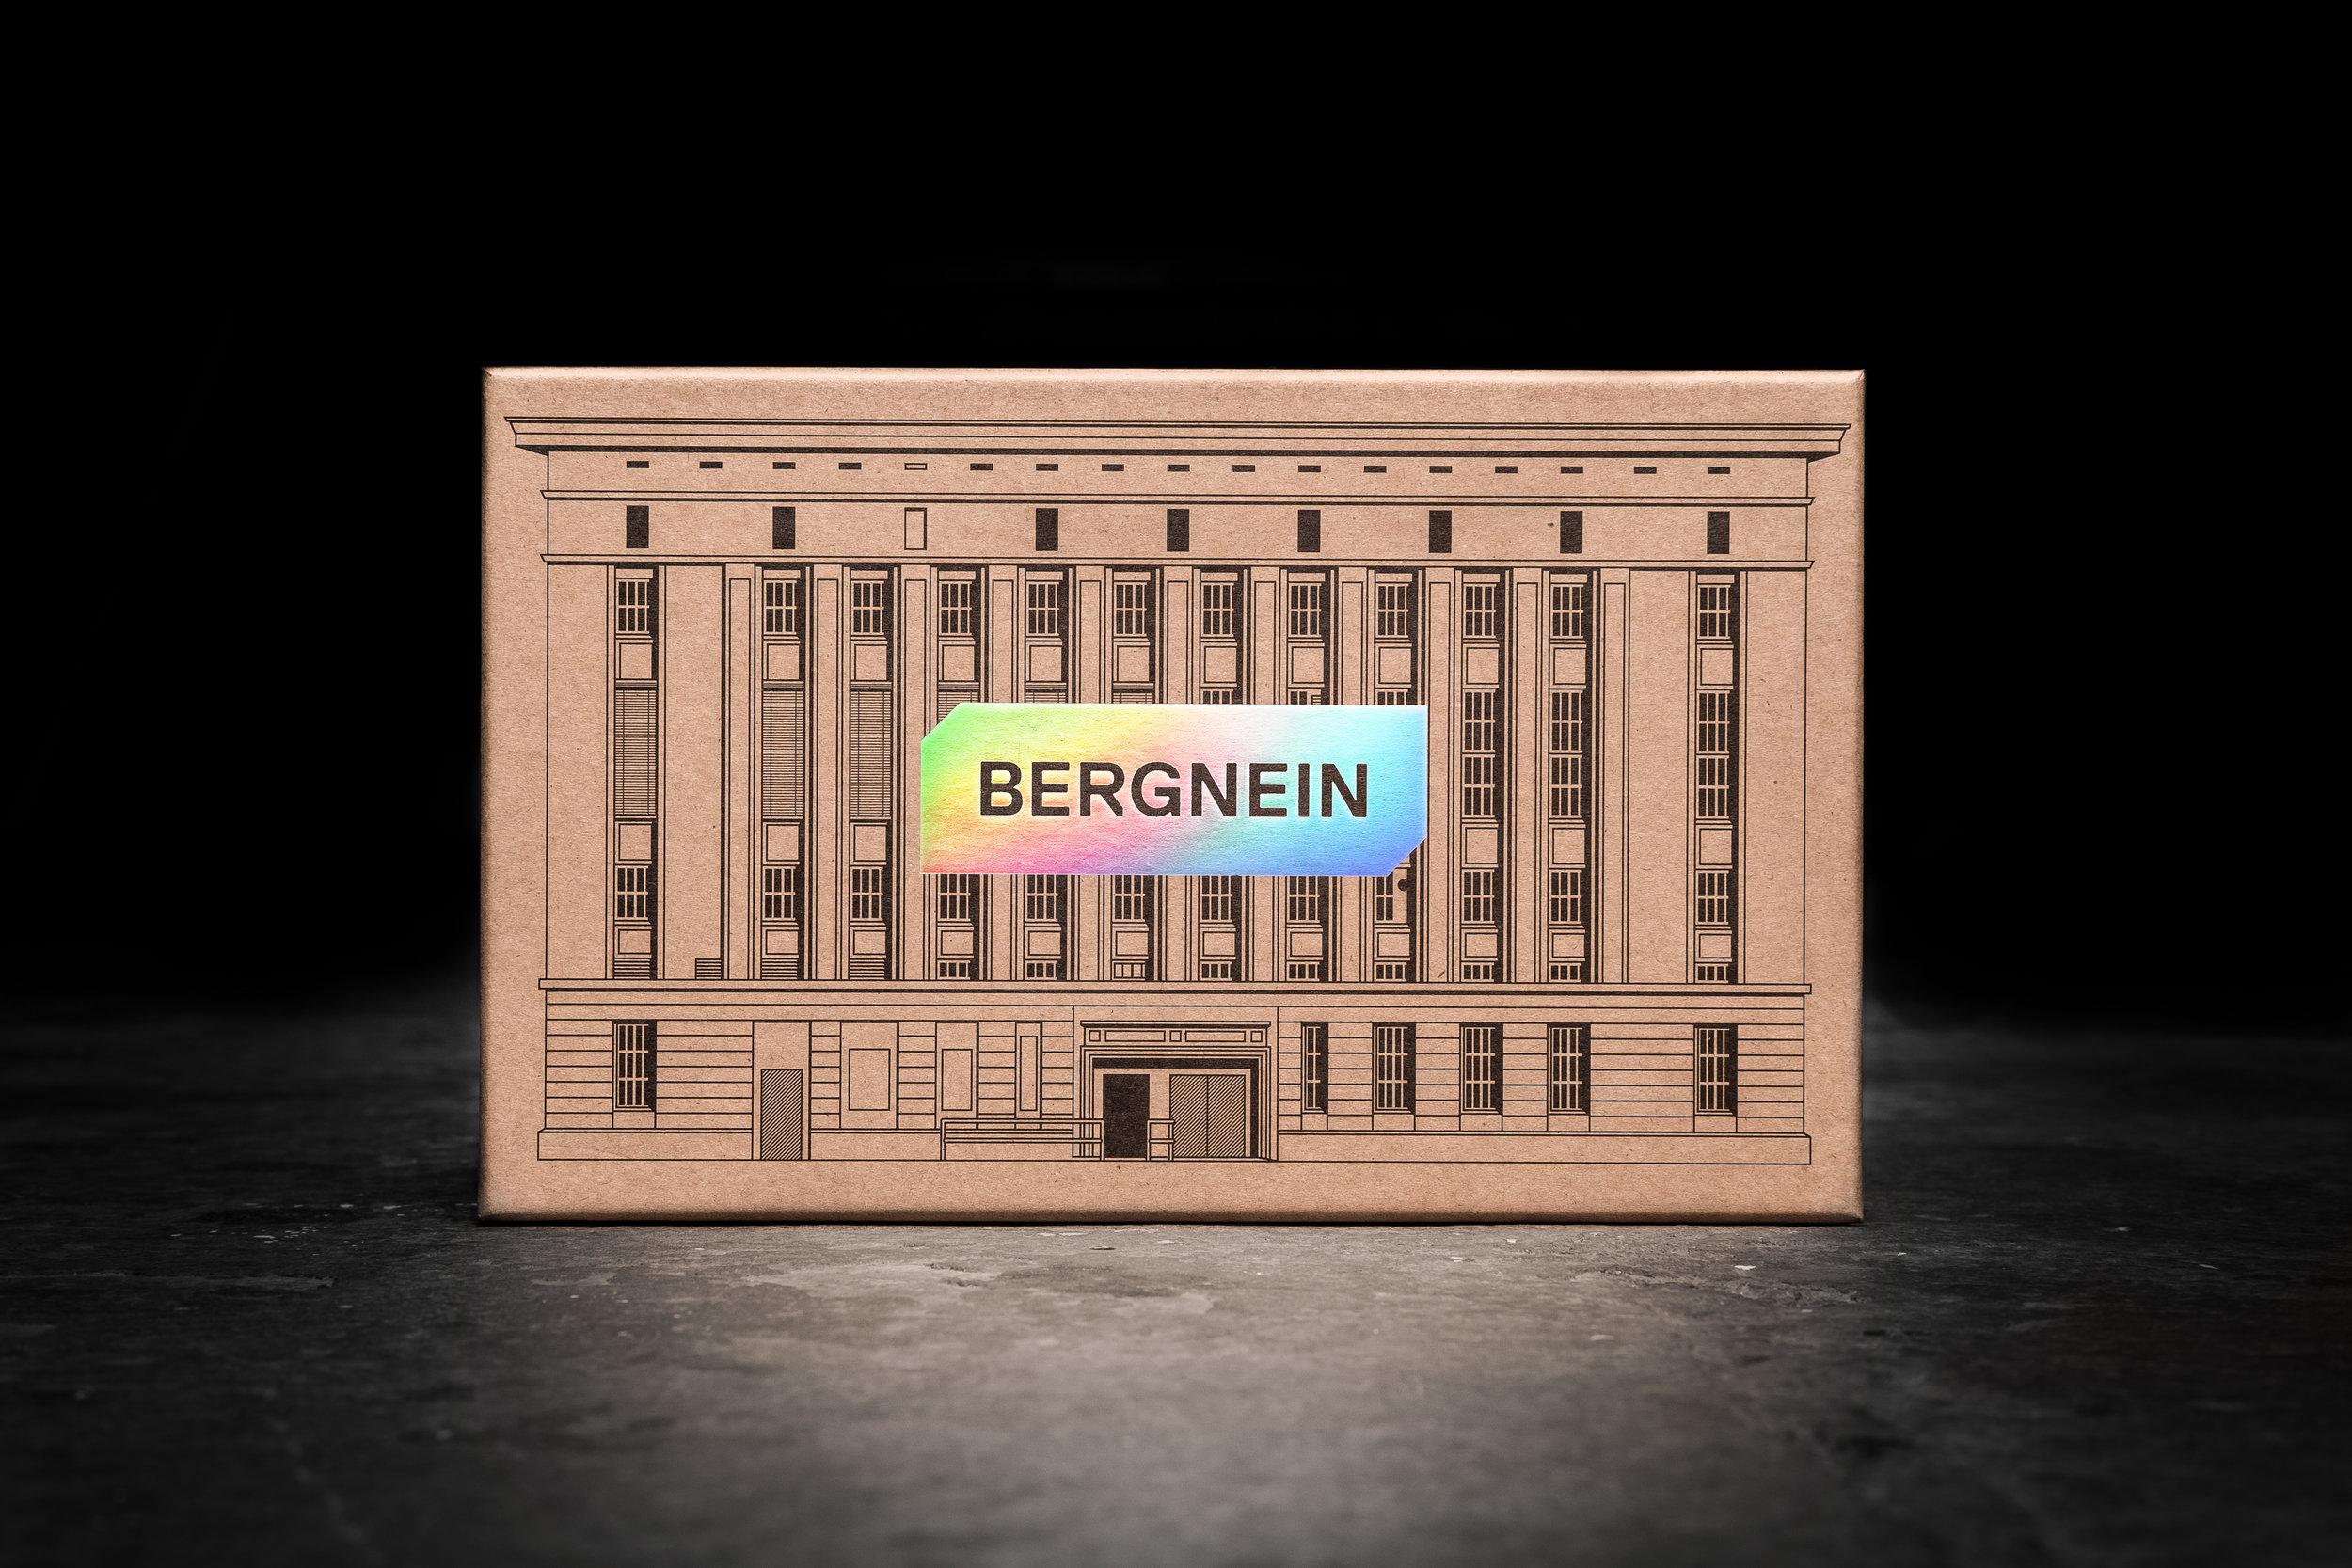 bergnein_boxart_front_1.jpg